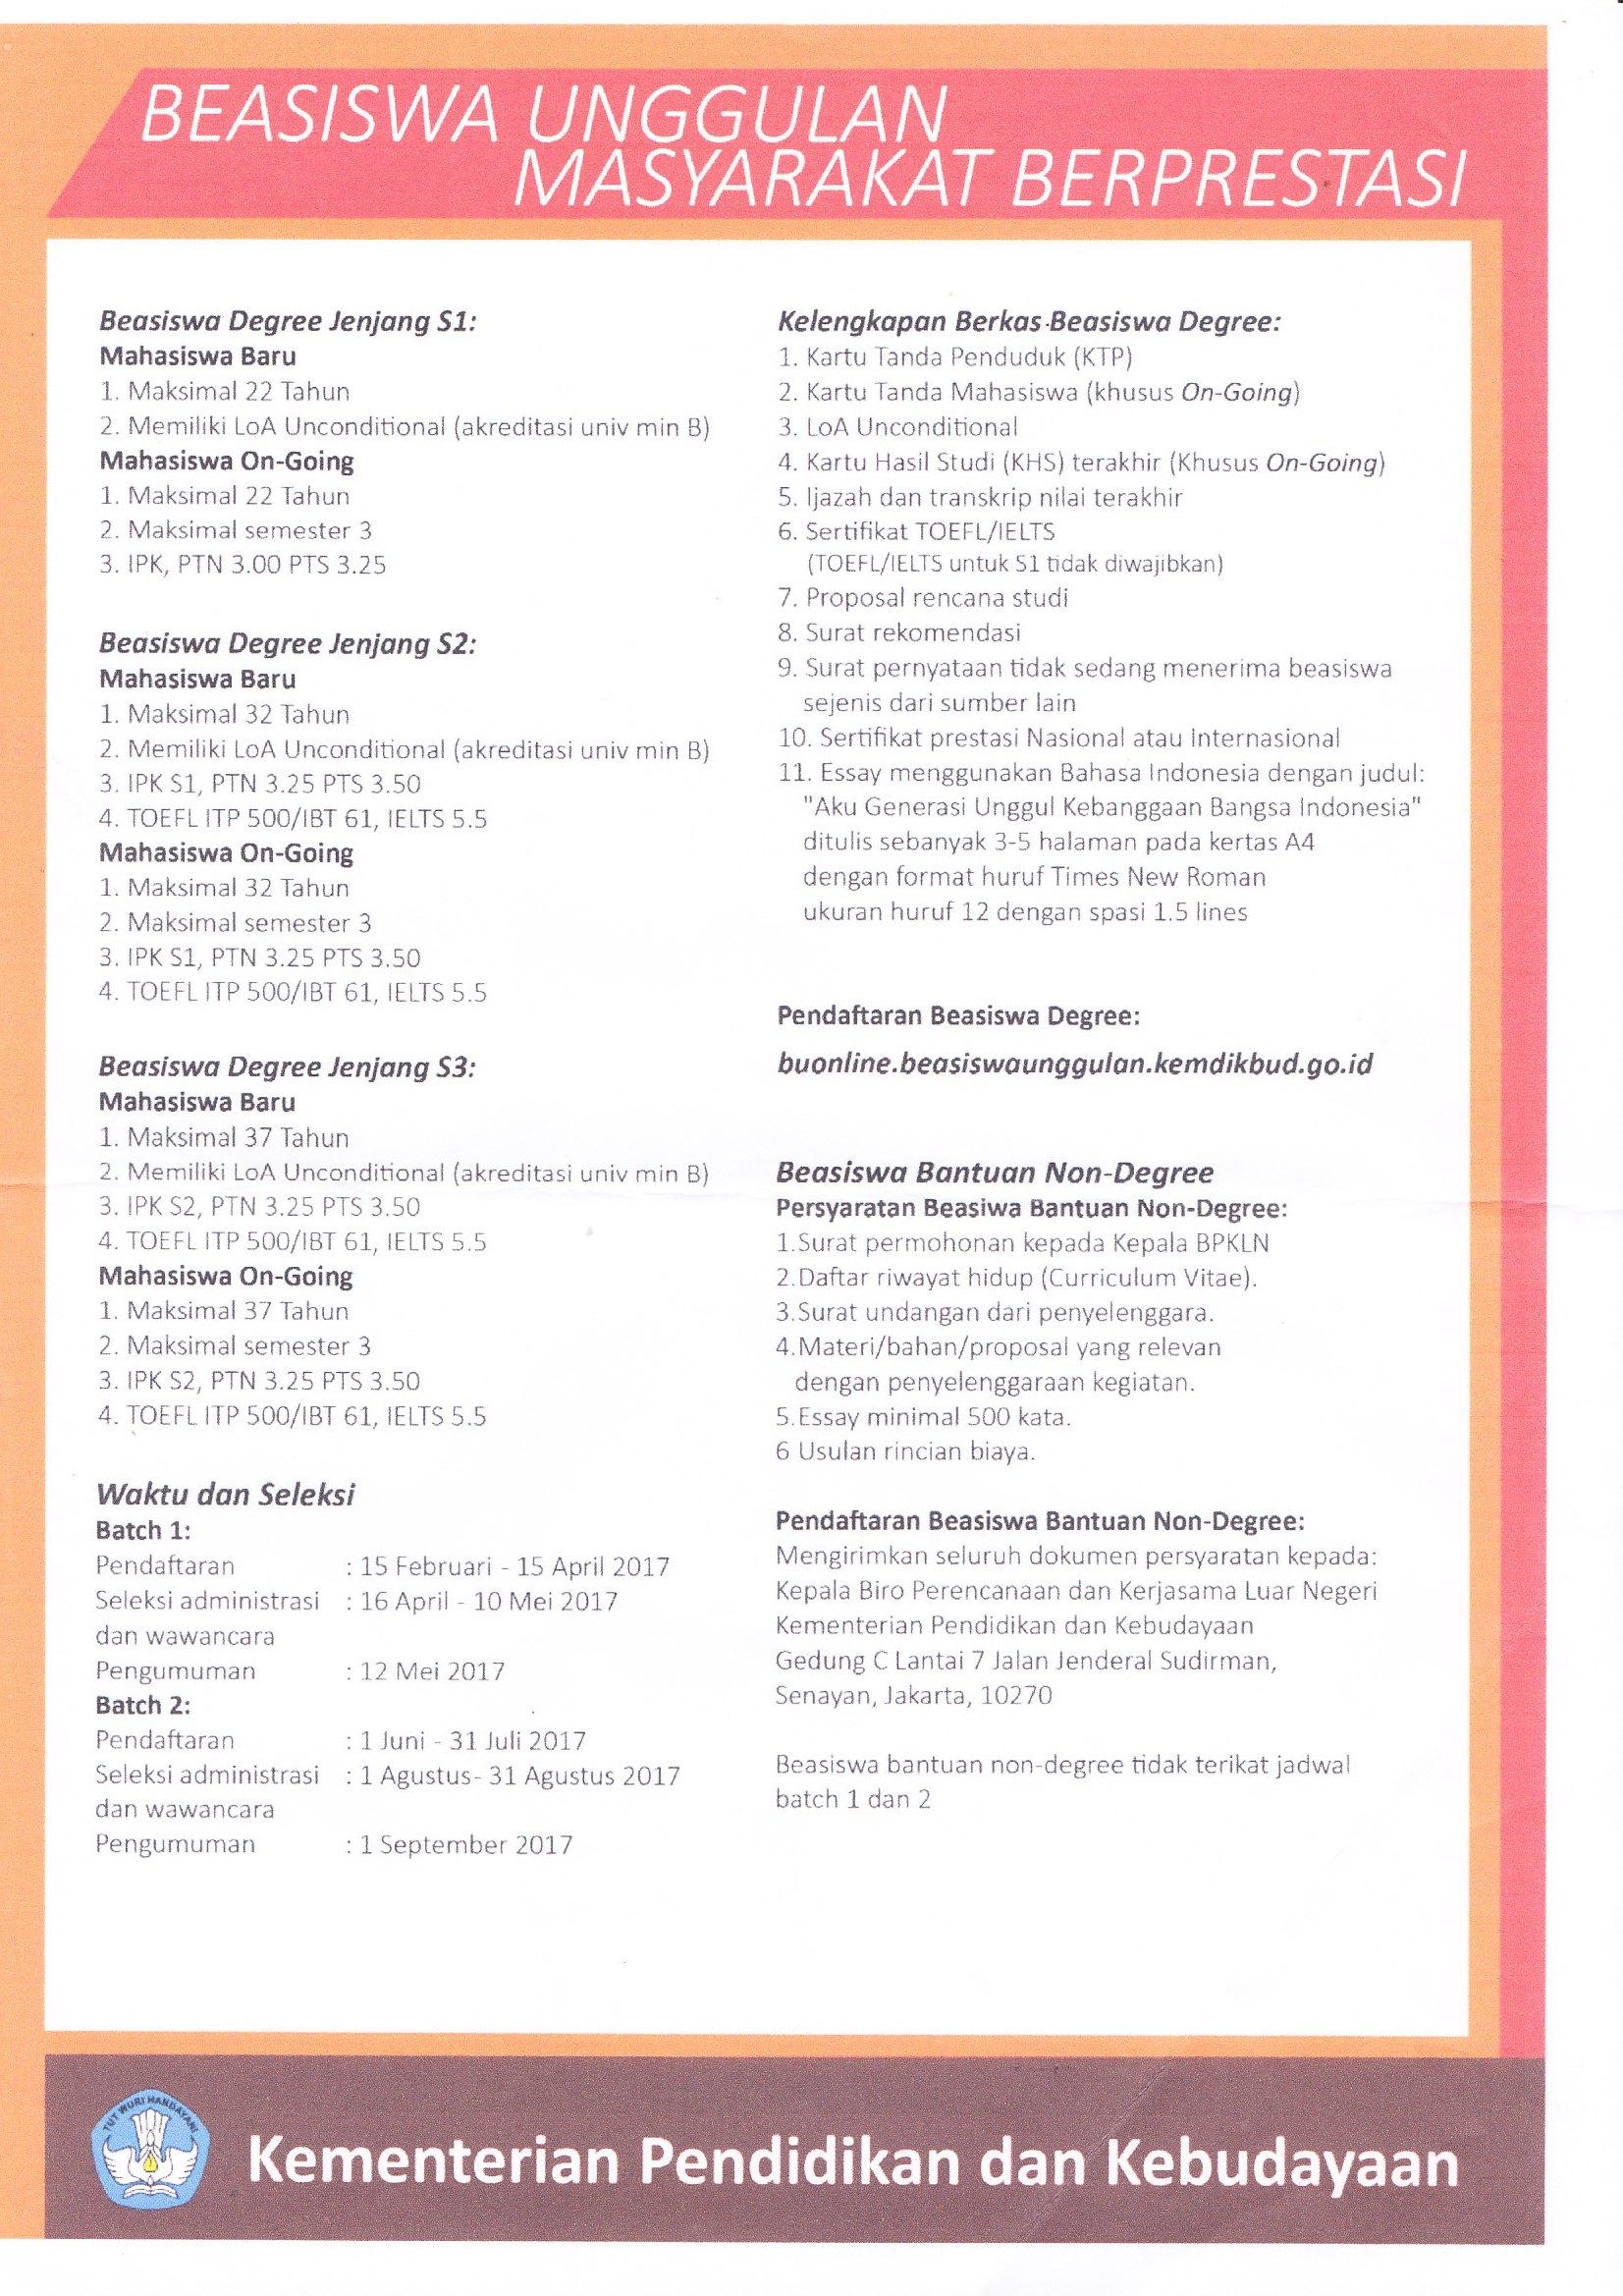 self introduction essay untuk beasiswa Ka makasih banyak atas ilmu yg dibagi, dan maaf saya mohon izin mempelajari essay untuk mengajukan beasiswa juga semoga saya bisa seperti kakak ya reply.